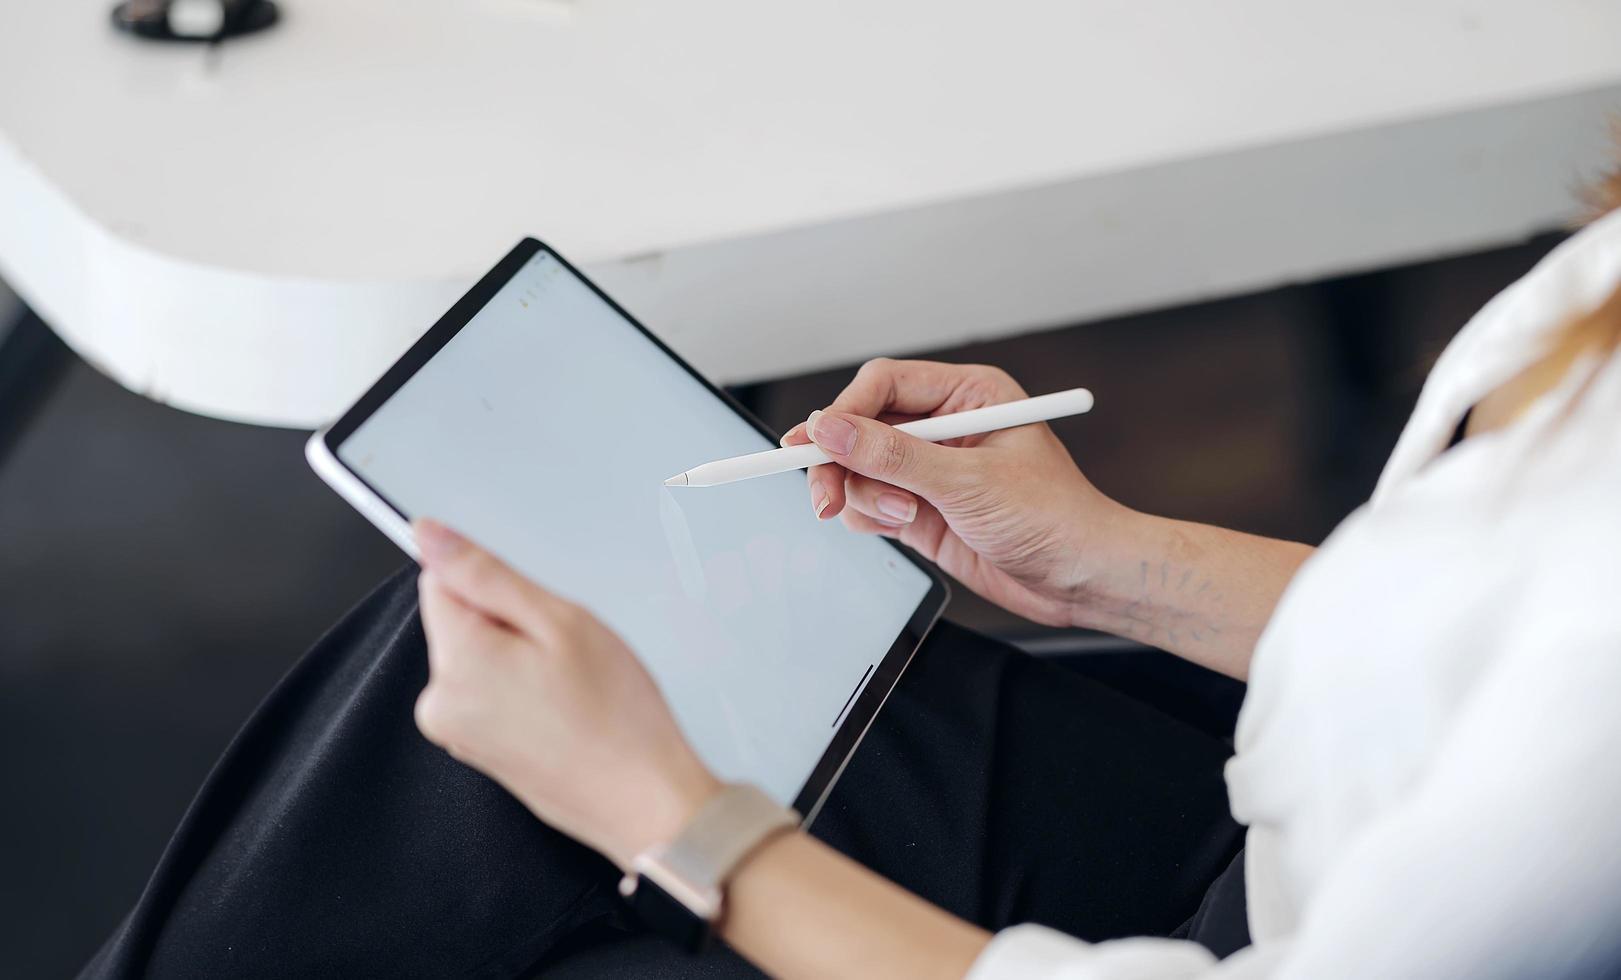 mujer mano escribiendo en tableta foto